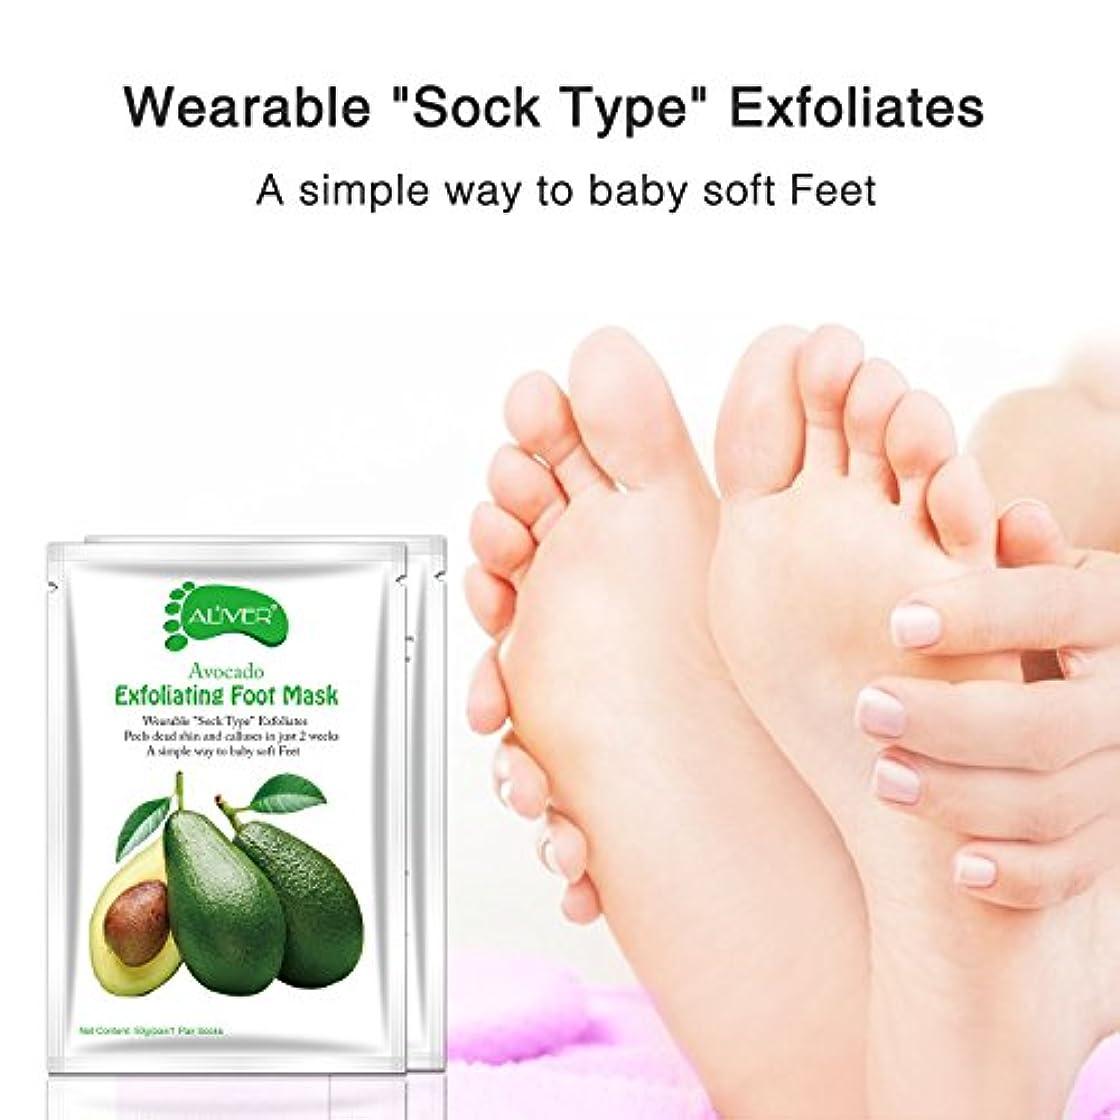 パイントタクト炎上(5袋セット)Aliver足膜古い繭の死皮や角質を除去するために、1週間以内に柔らかい感触を得て、つるっとした足、ざらざらした足を修復します。男女ともに適用する。6種類の選択-パパイヤ足膜、バラ足膜、カモミール足膜、ラベンダー...